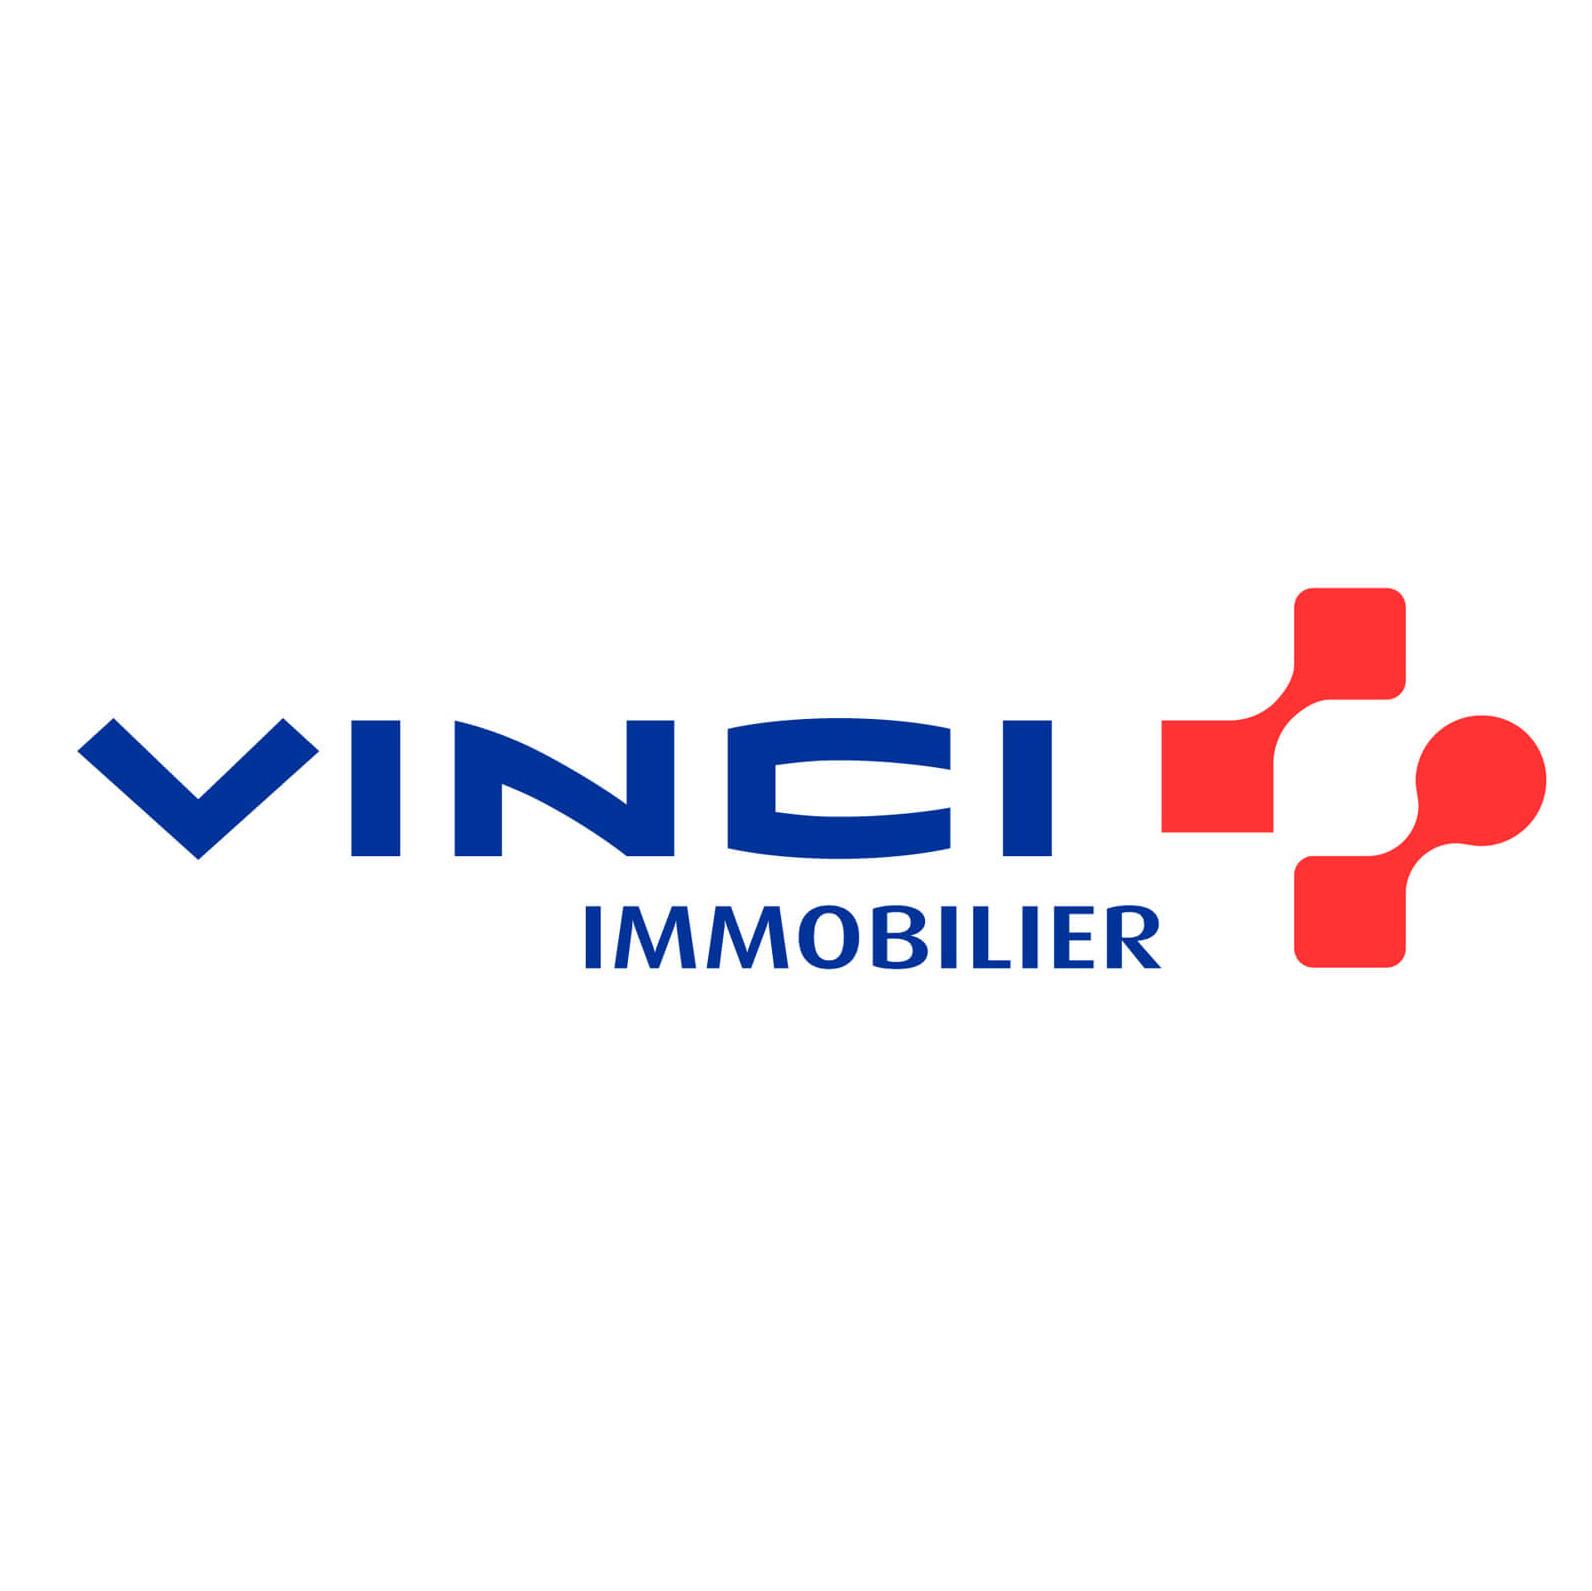 Vinci Immobilier